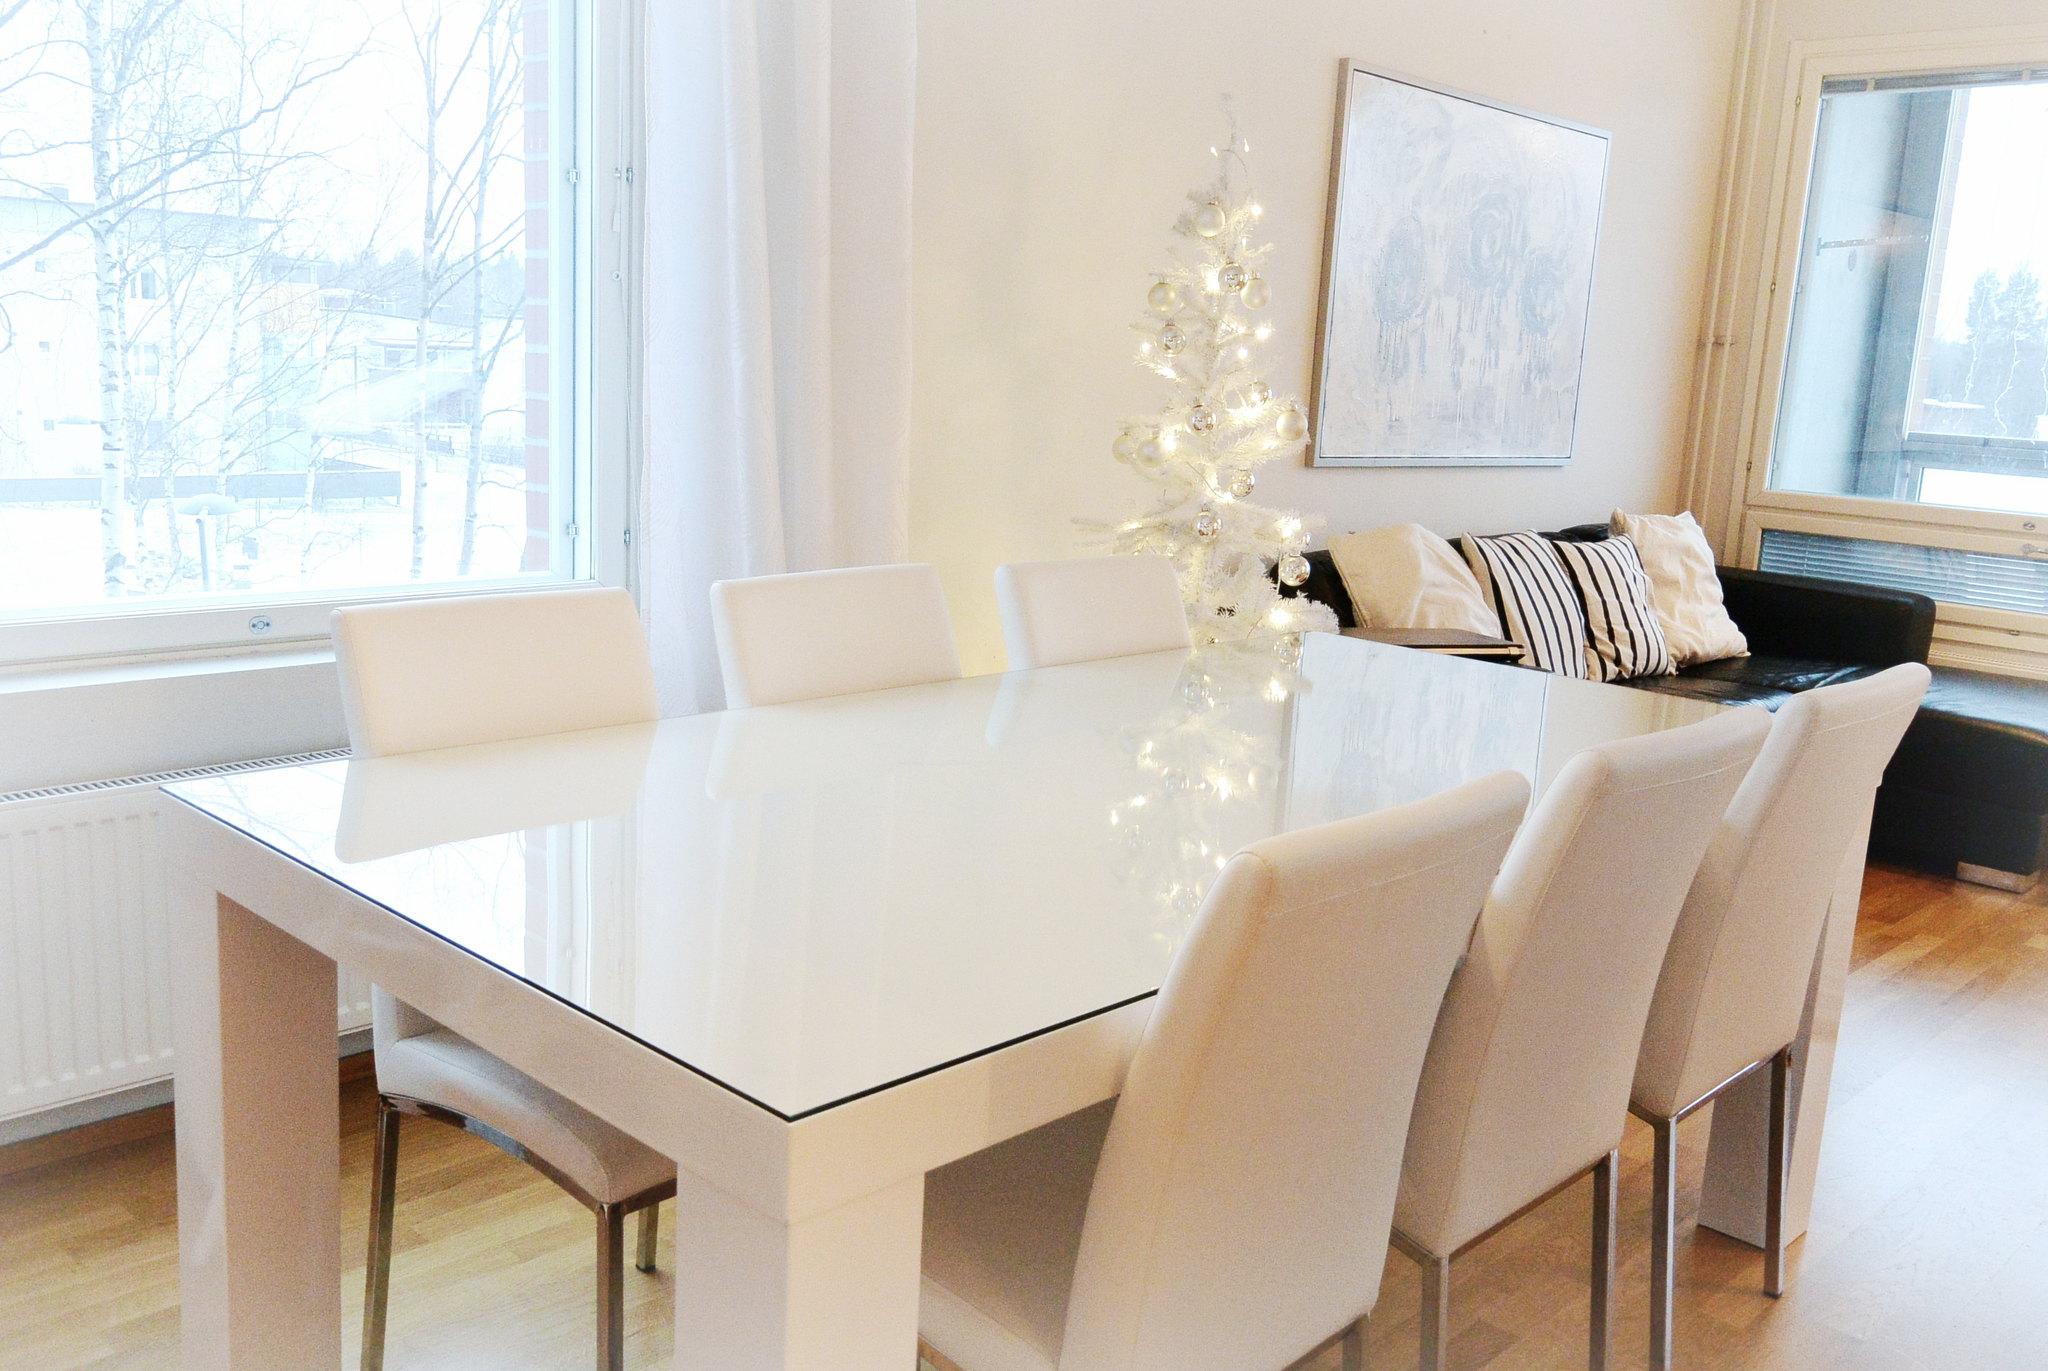 TANIAN SILMIN Kirkas lasi valkoisen pöydän päälle